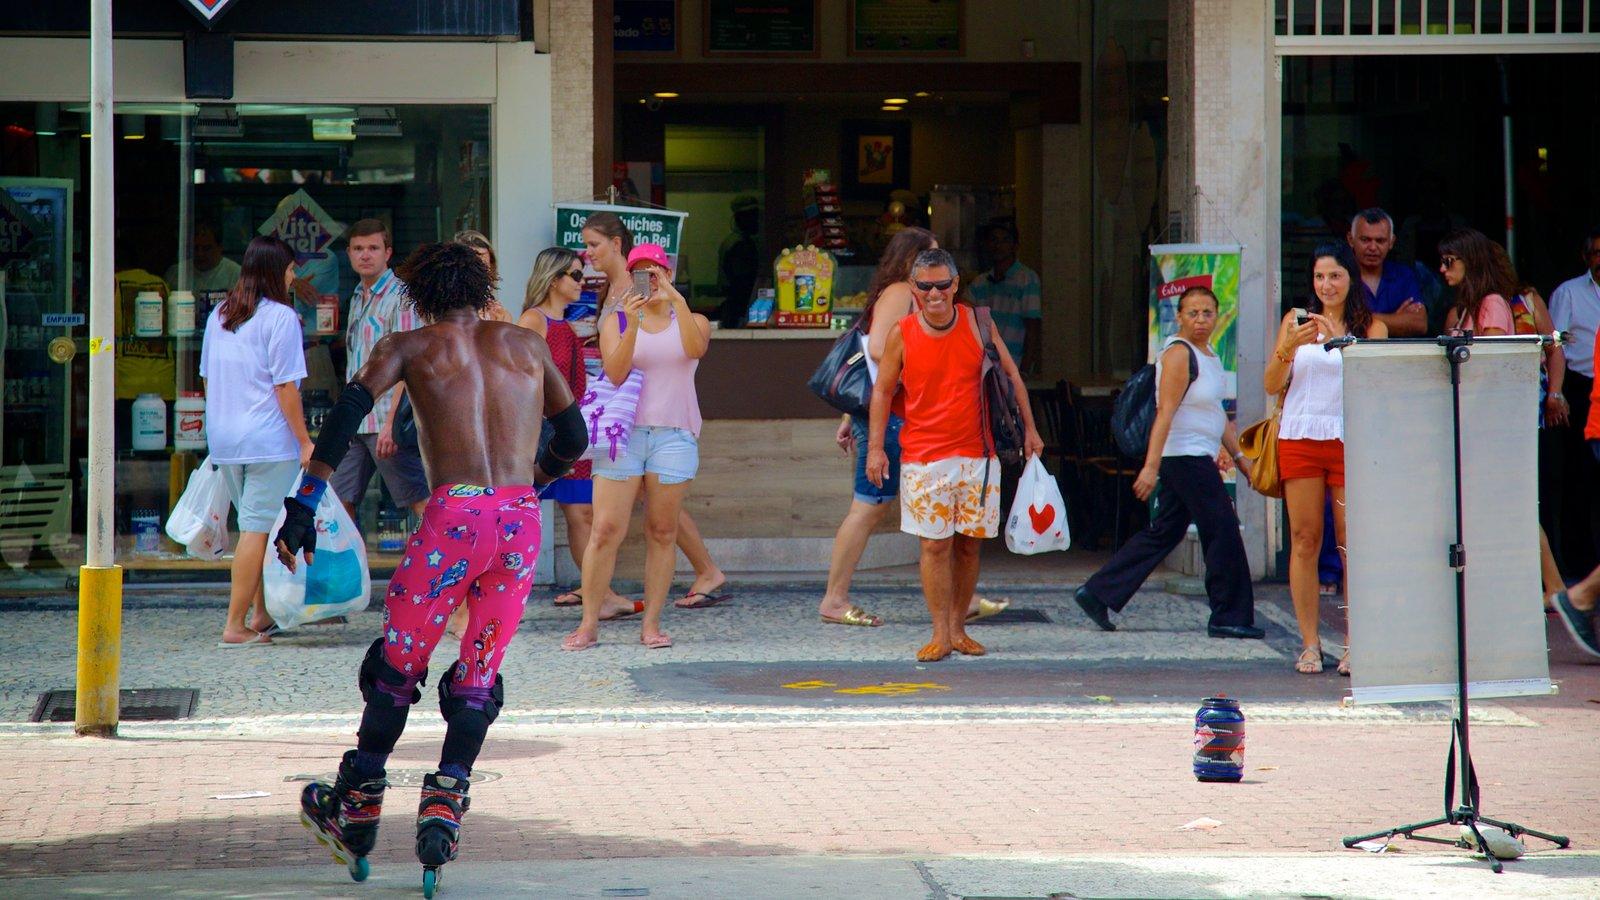 Ipanema que inclui performance de rua e cenas de rua assim como um grande grupo de pessoas